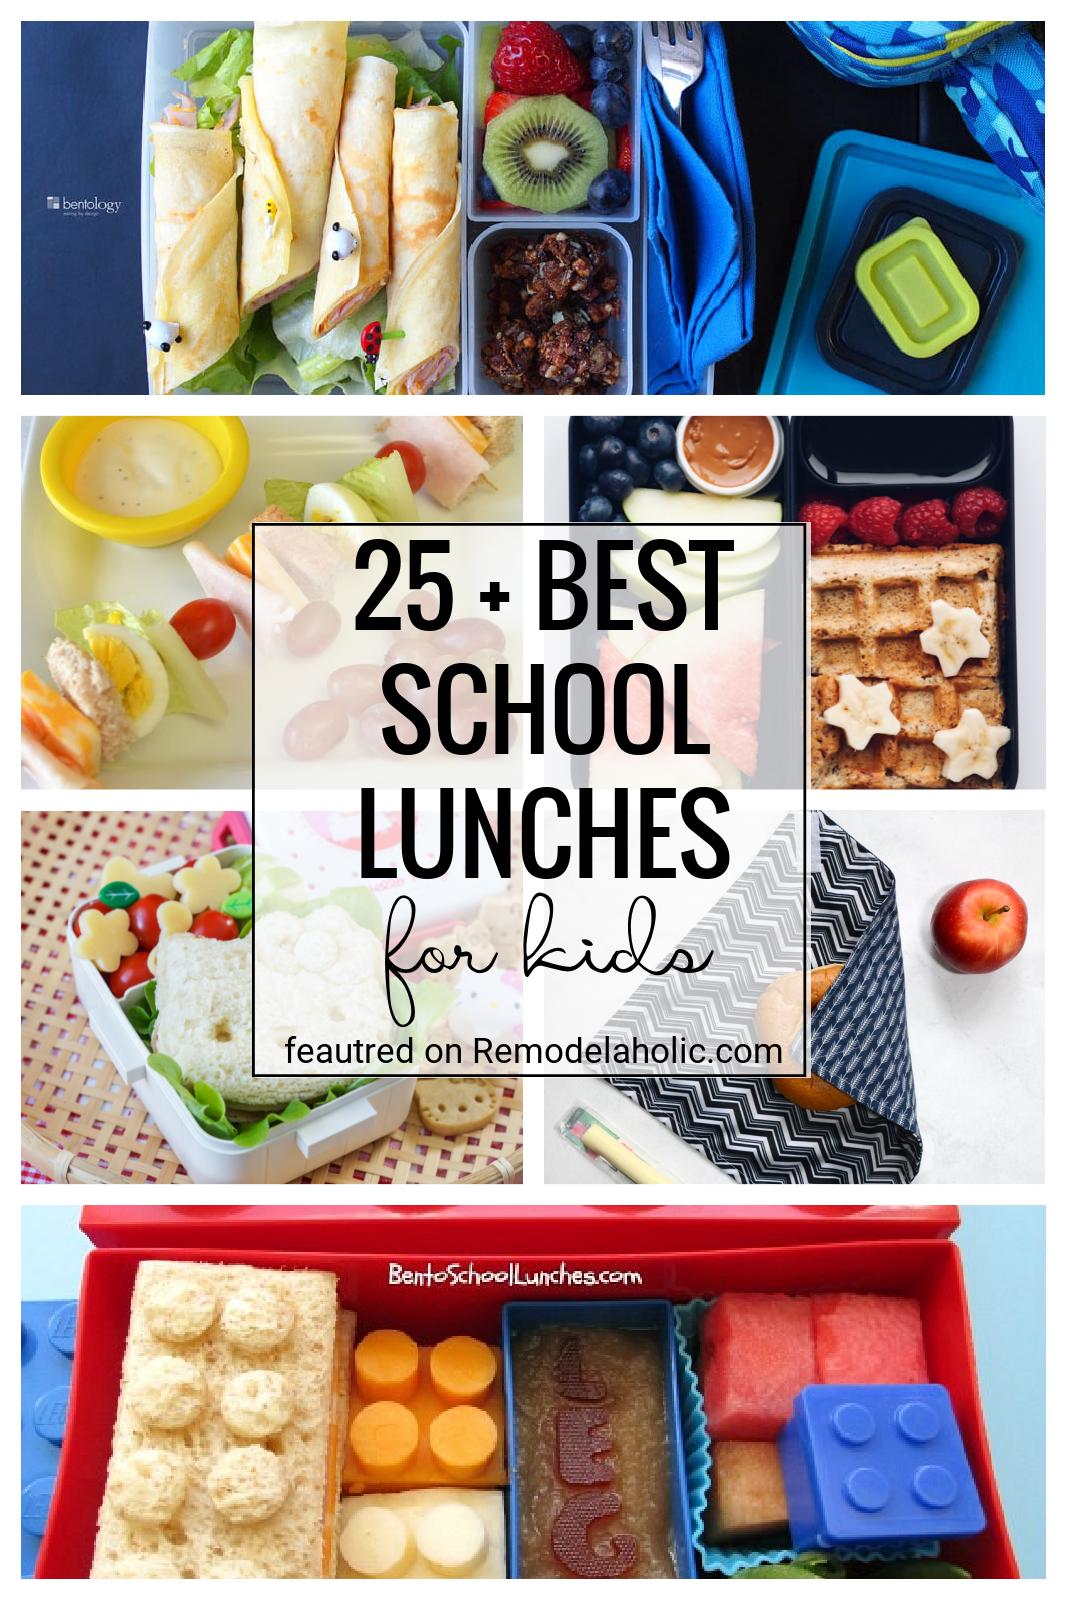 A legjobb ötletek az iskolai ebédekhez!  Találja meg ezt a 25 legjobb ebédötletet az ebéd csomagolásához a gyerekei számára.